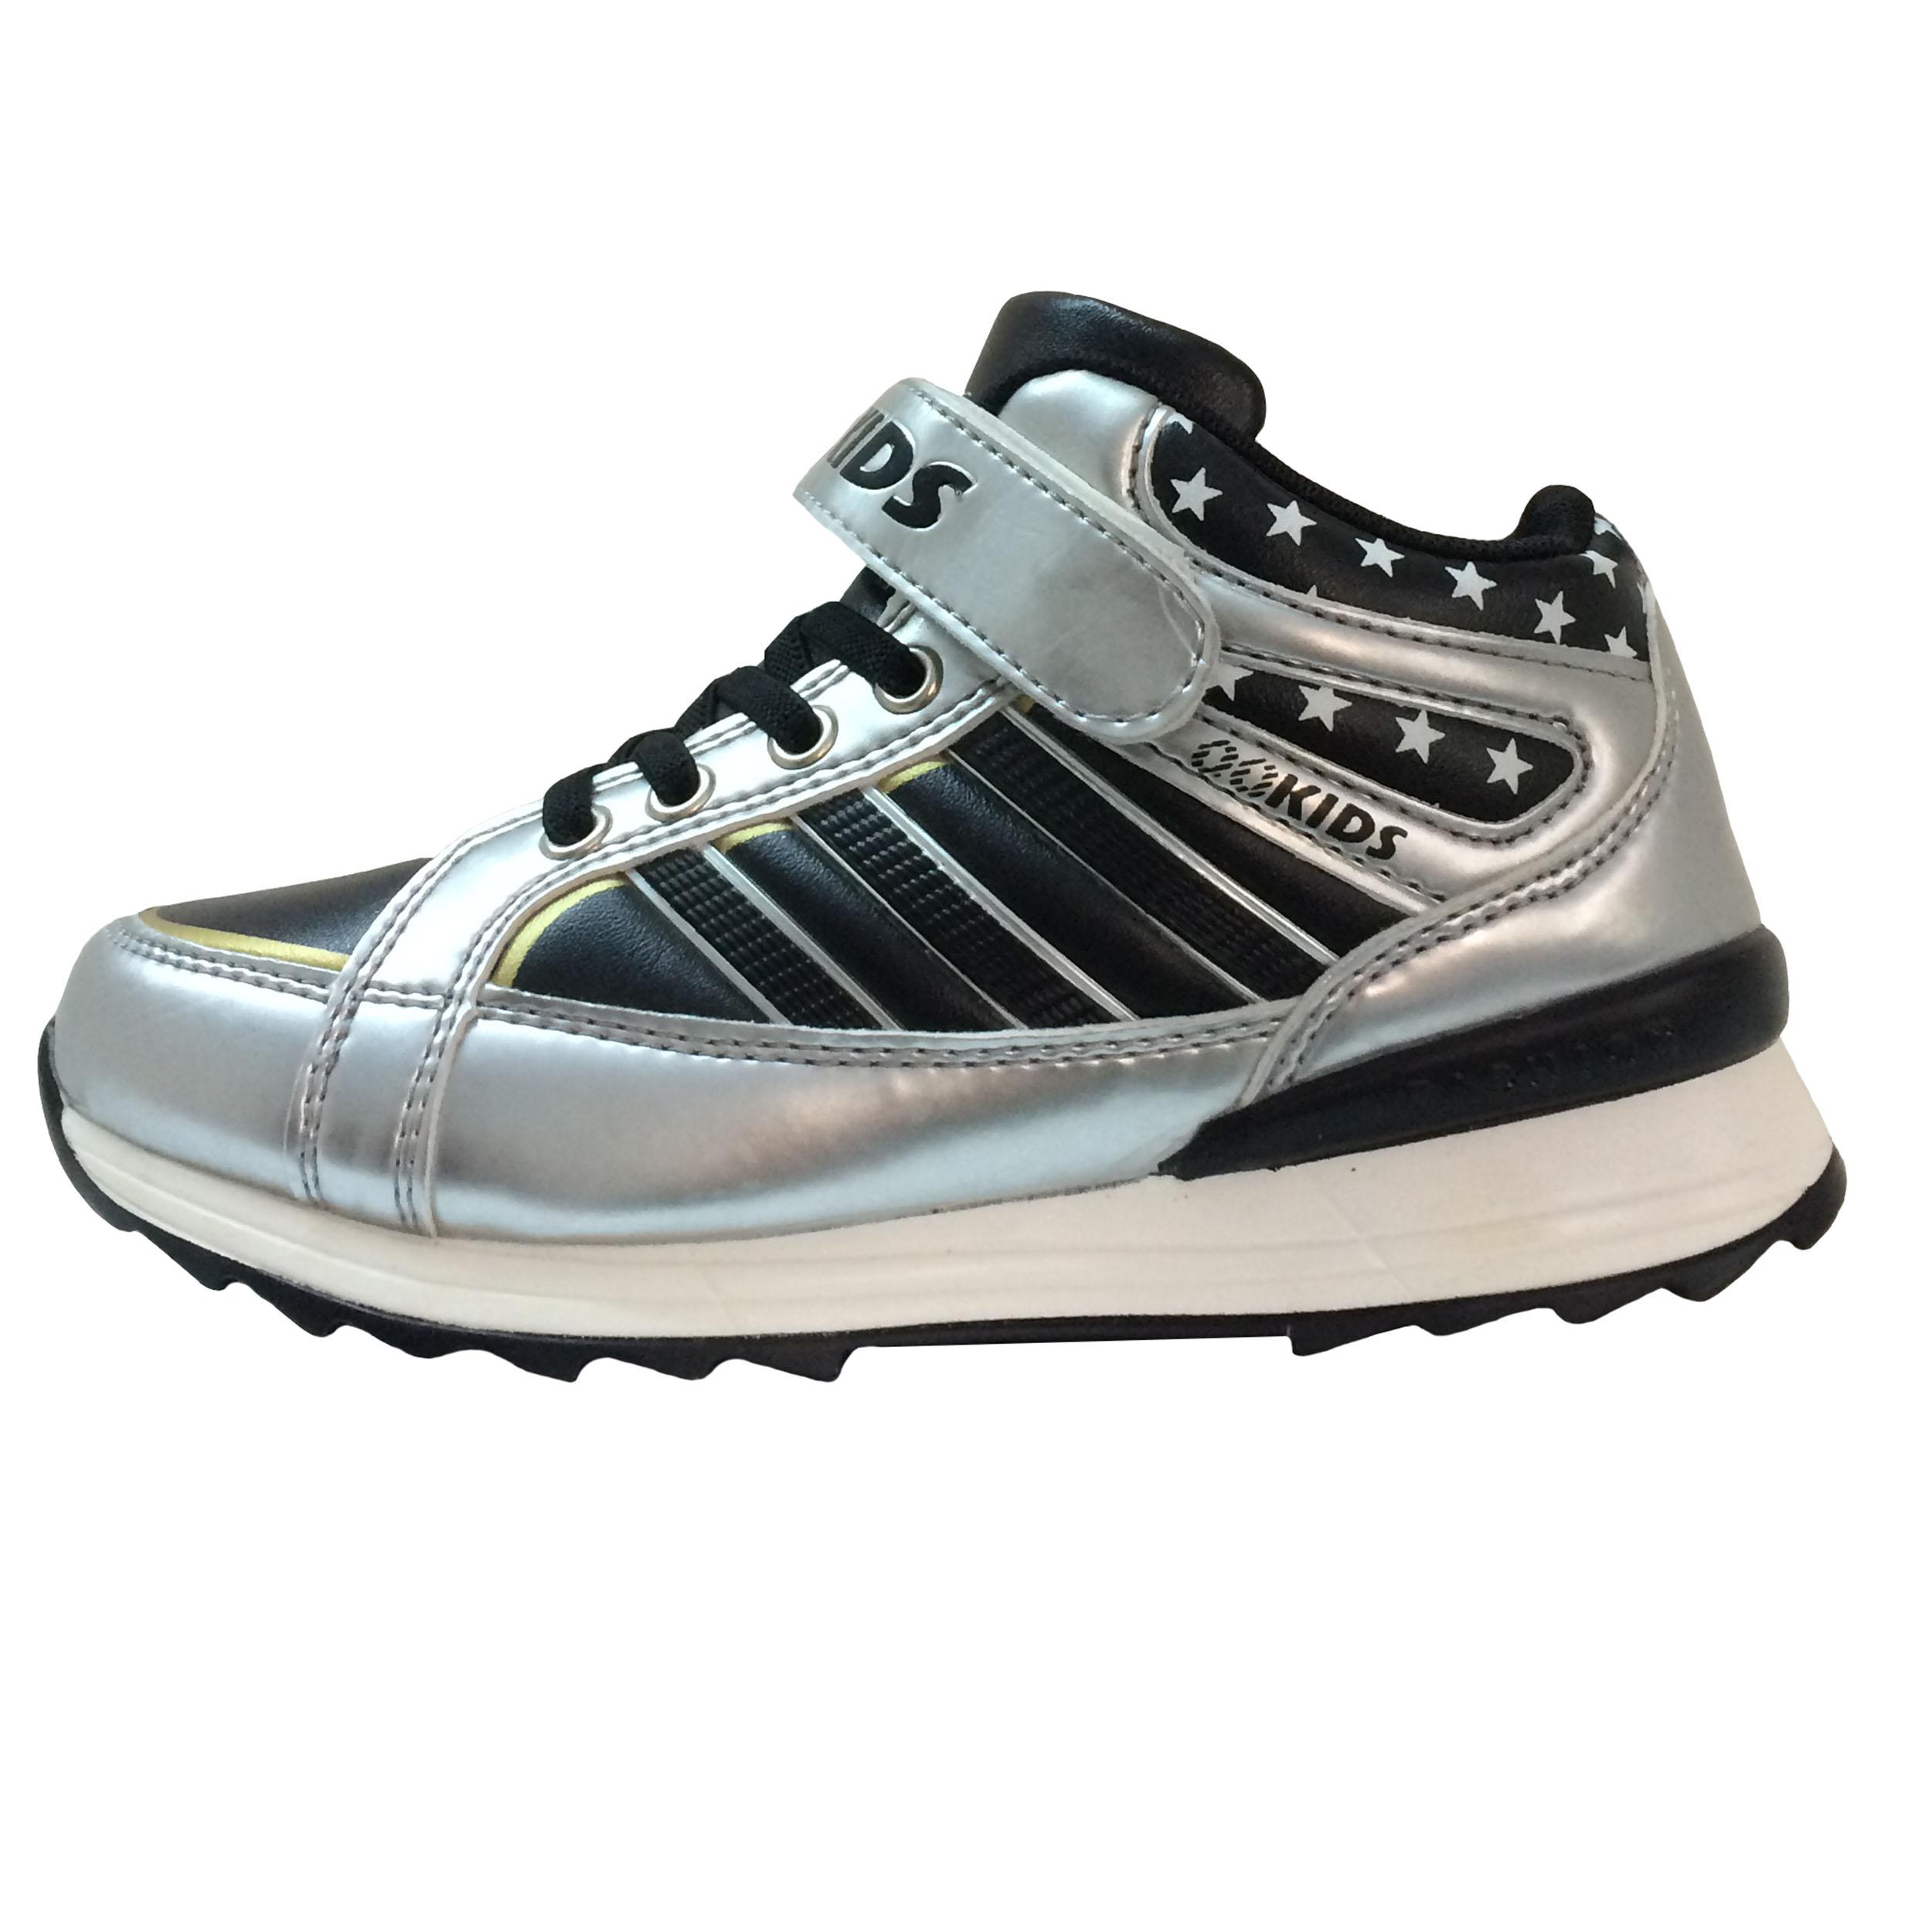 کفش مخصوص پیاده روی دخترانه  مدل  star کد kxj3000